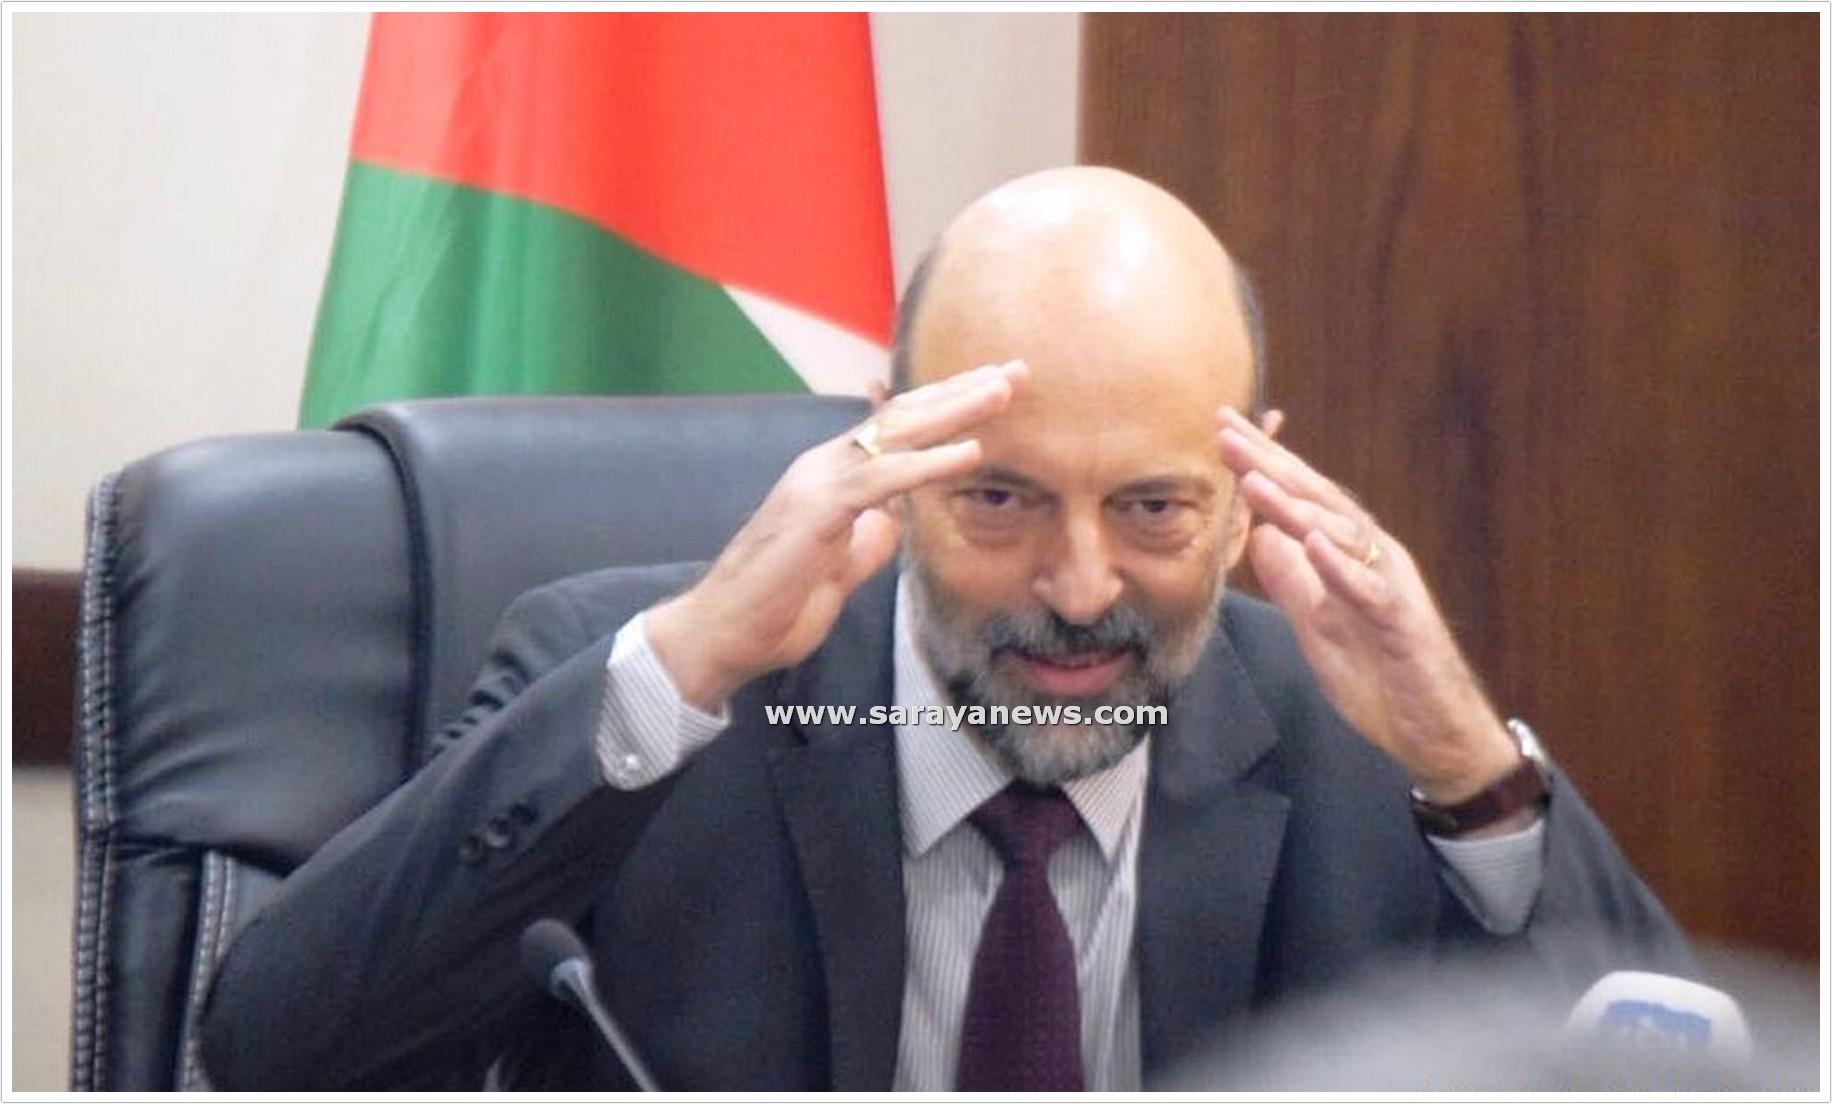 ابرز ملامح التعديل الوزاري وترجيحات أن تقسم الحكومة اليمين الدستورية ظهر اليوم